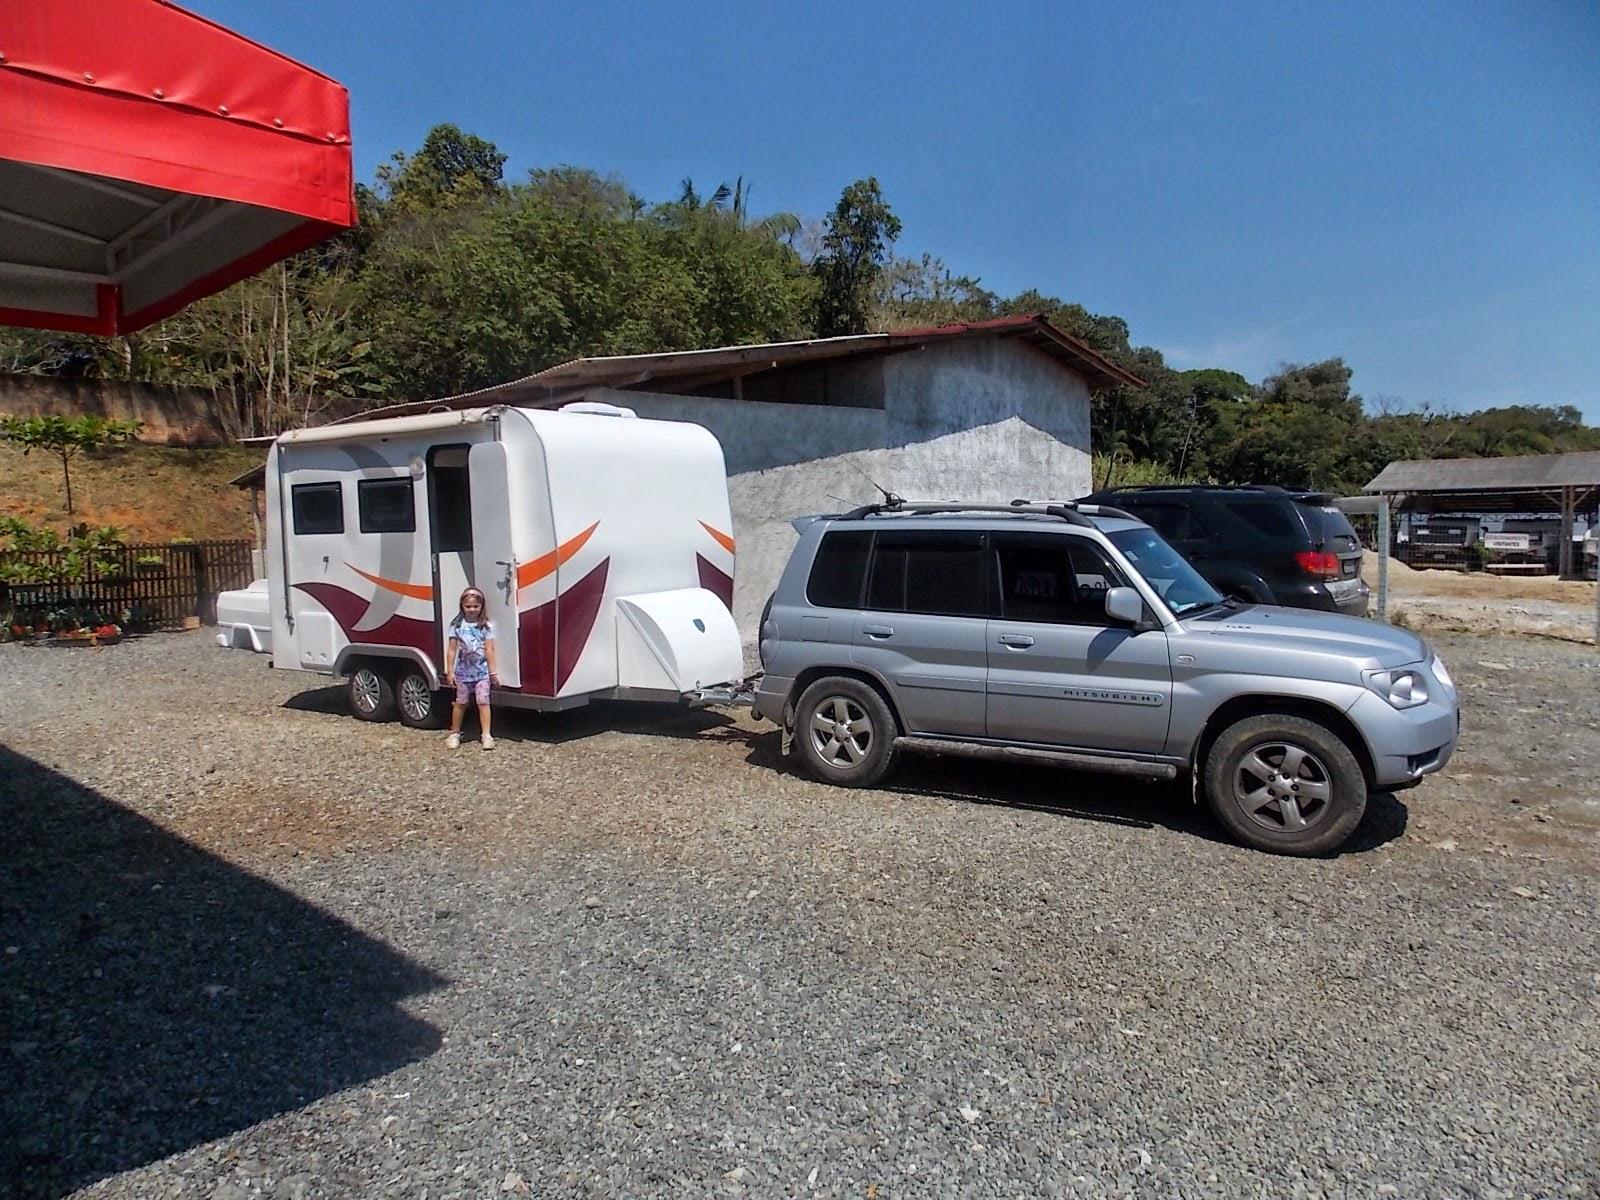 Bora pro Camping: Viagem inaugural do Apolo Trailer dos pais  #AE1D22 1600x1200